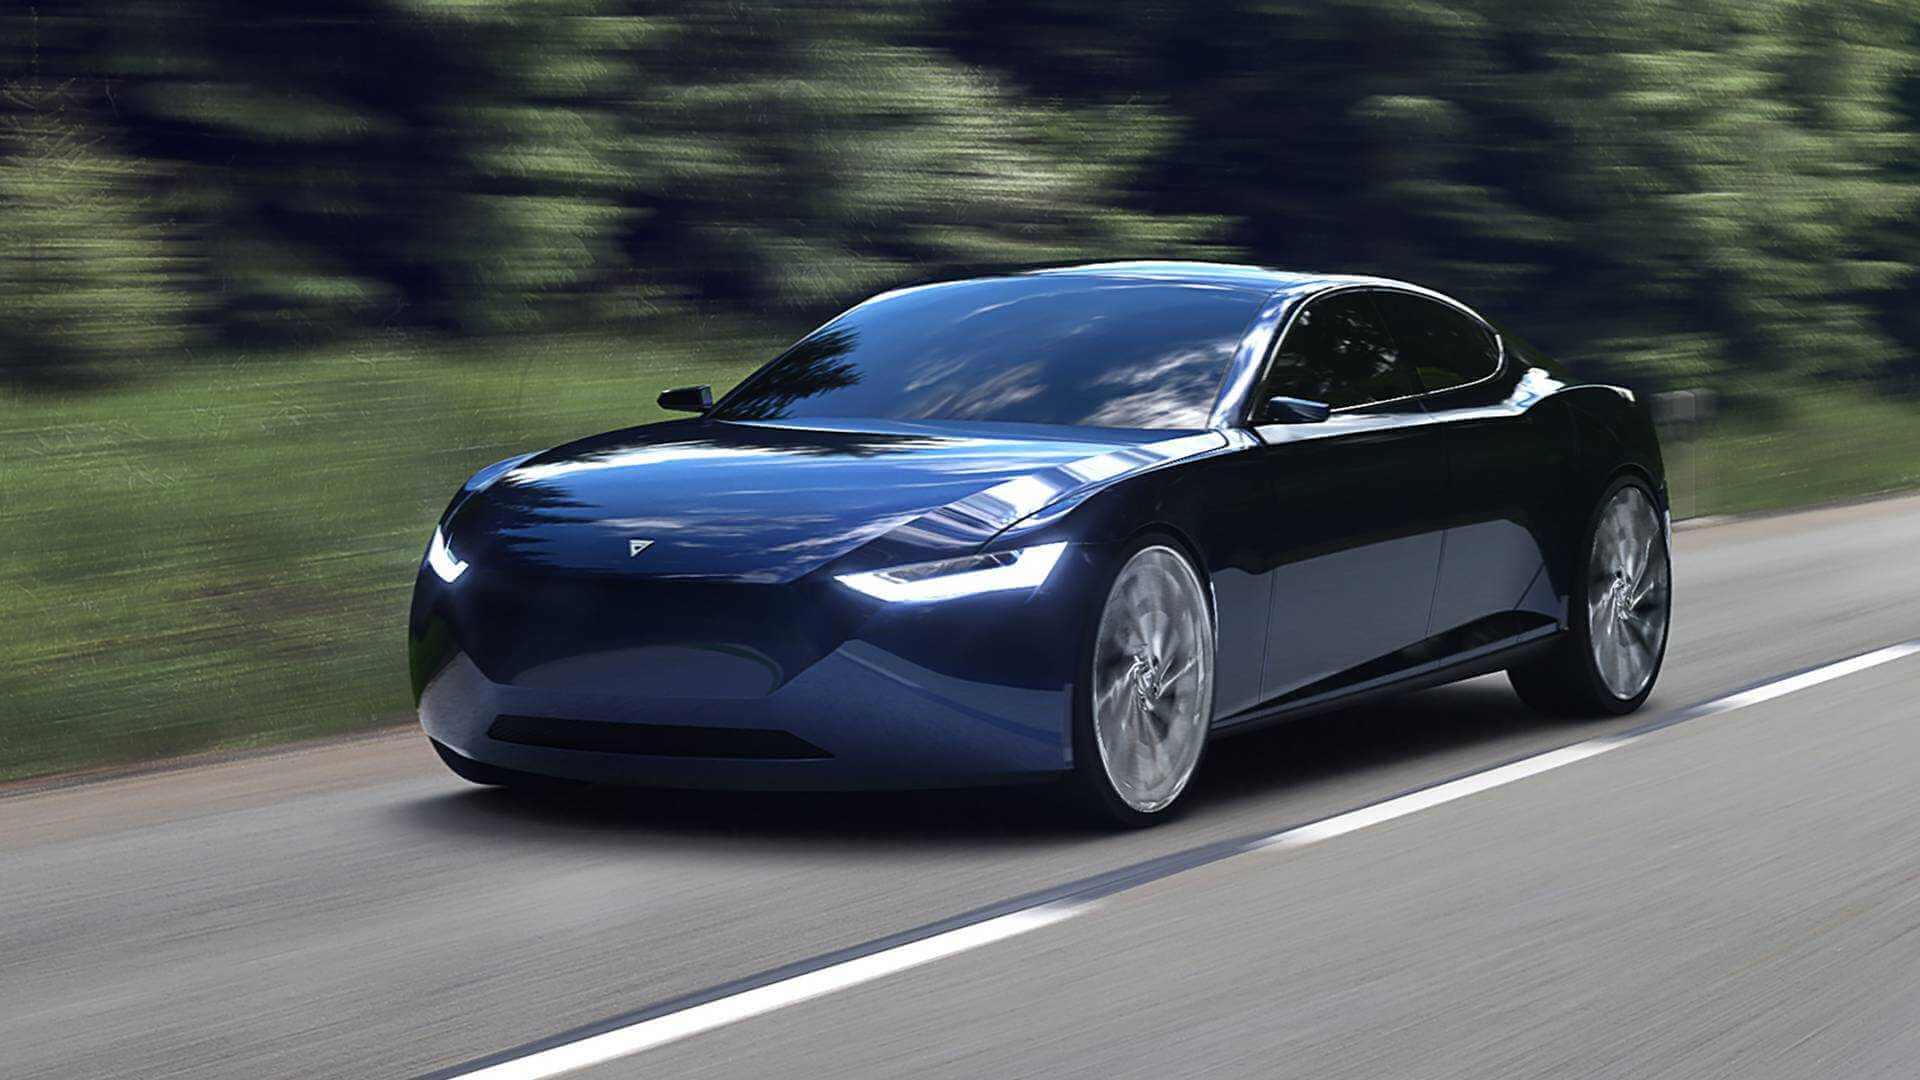 V Norvegii ne hotyat pokupat amerikanskuyu Tesla 1